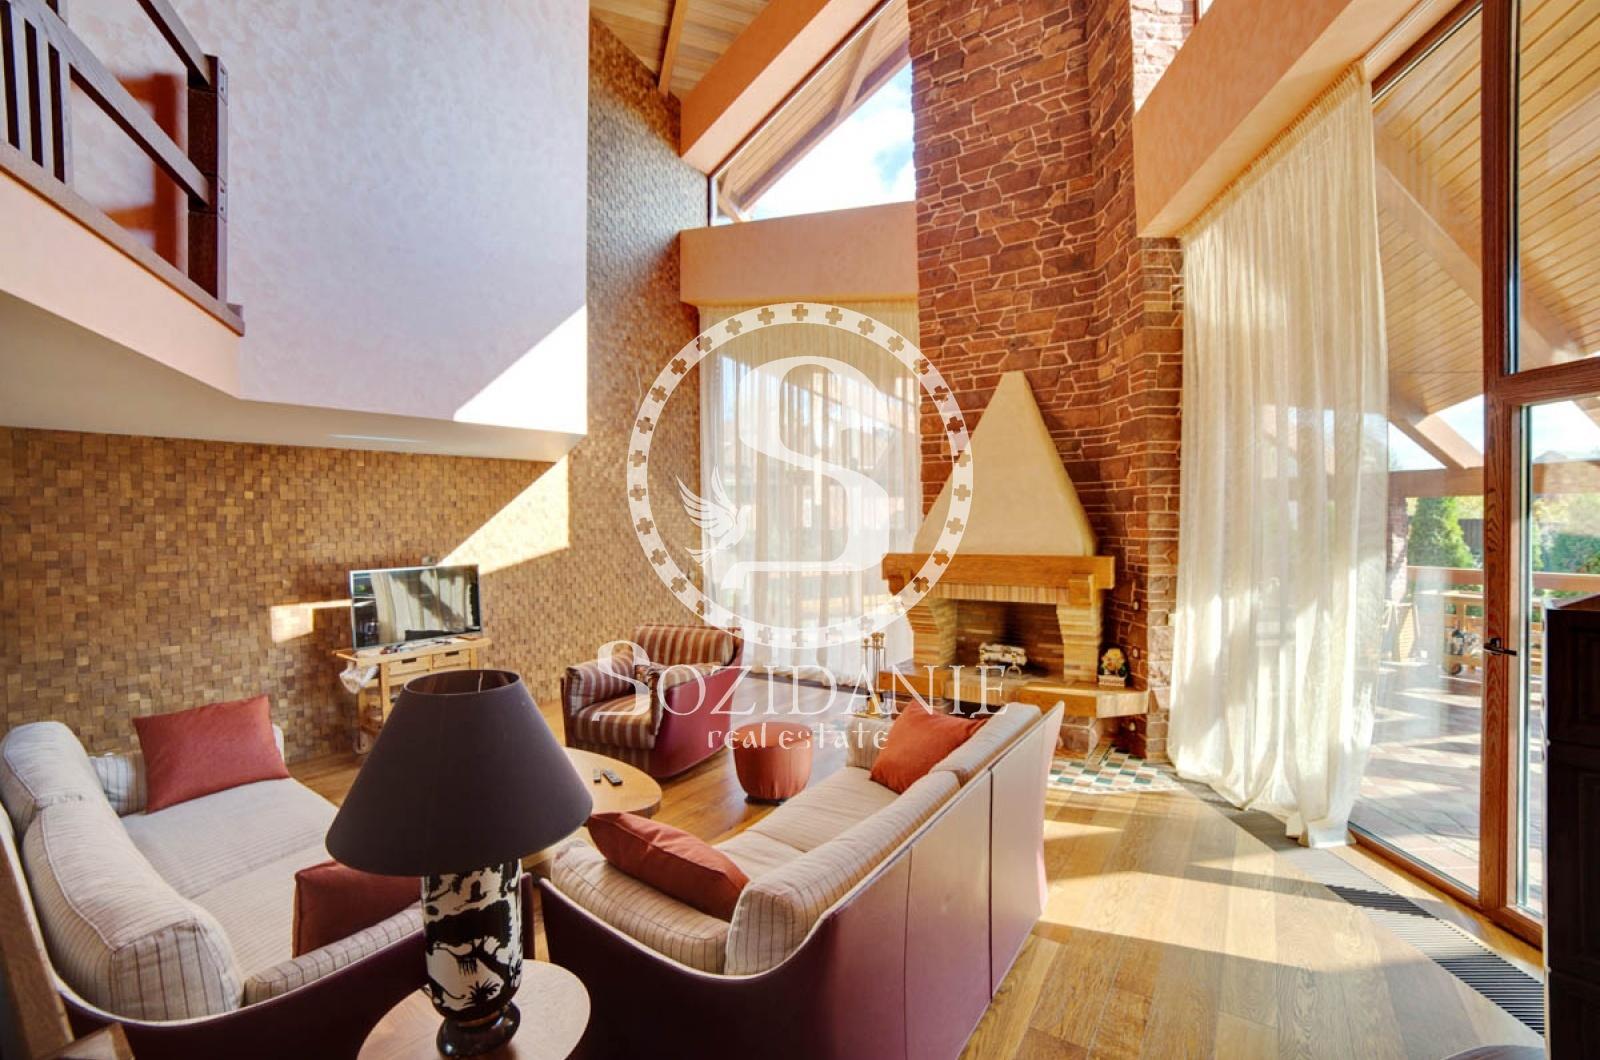 4 Bedrooms, Загородная, Продажа, Listing ID 1348, Московская область, Россия,